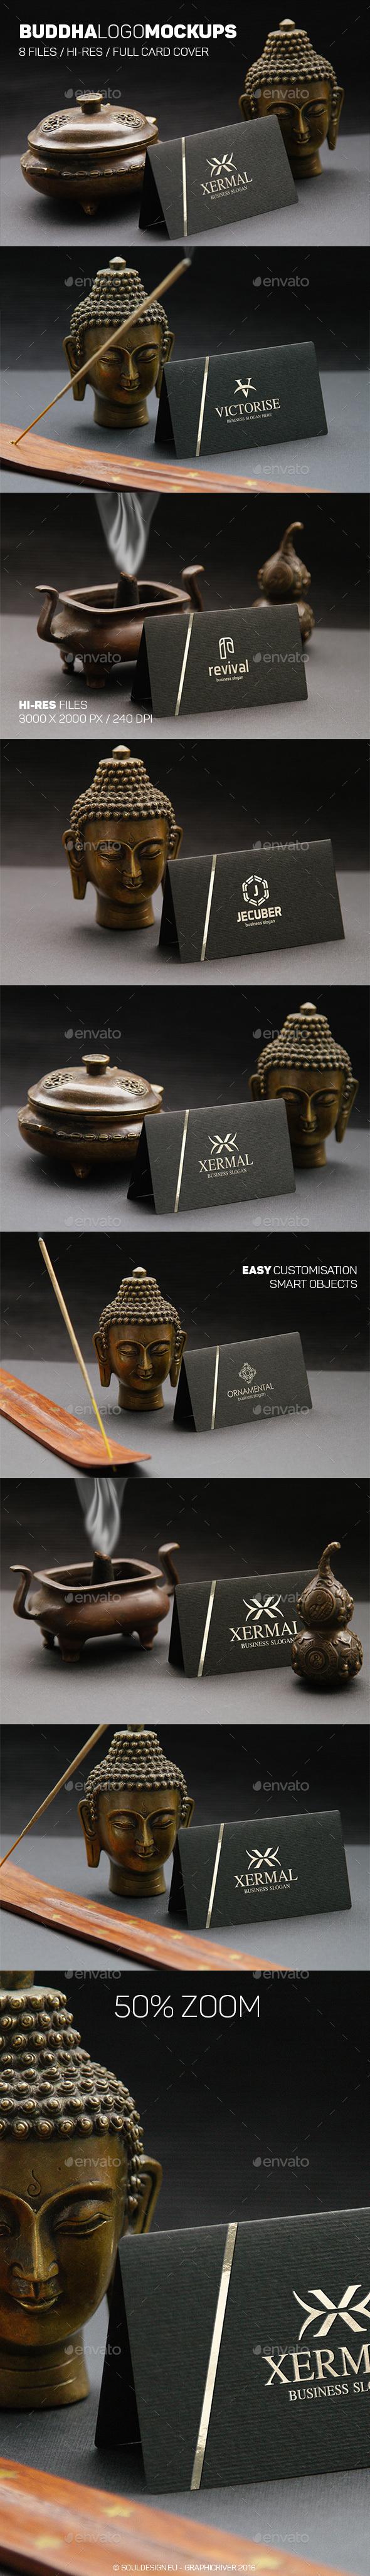 Buddha Logo Mockups - Logo Product Mock-Ups